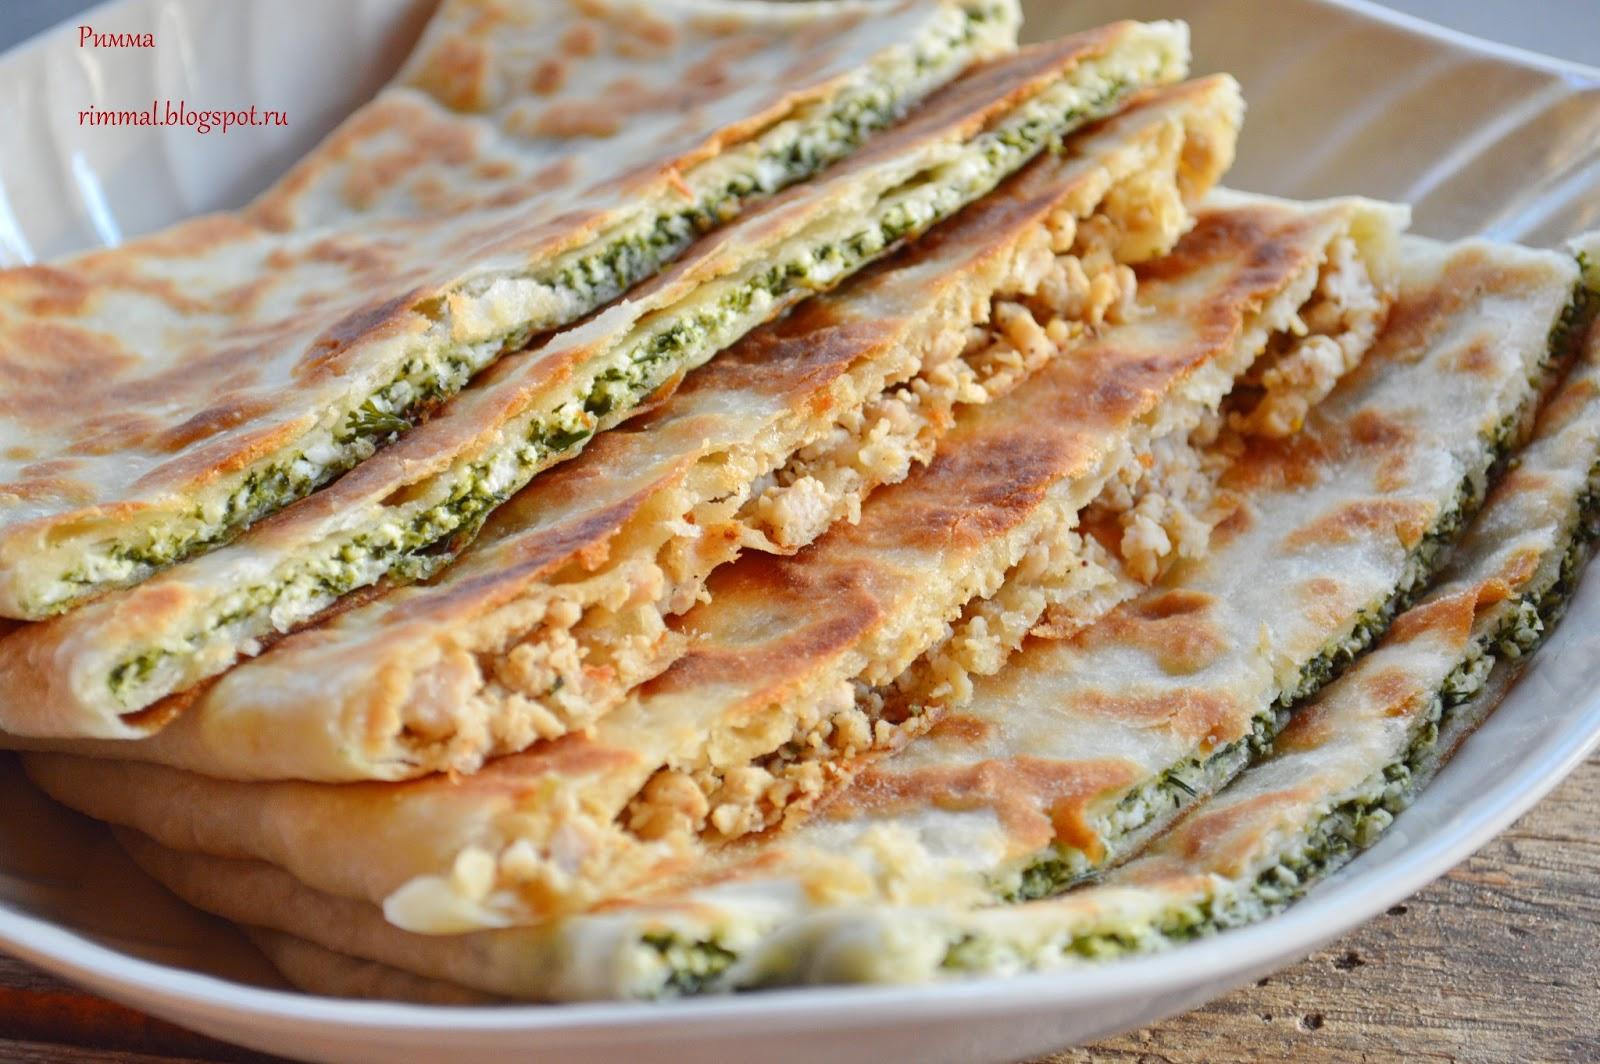 Турецкие блюда из лепёшек фото